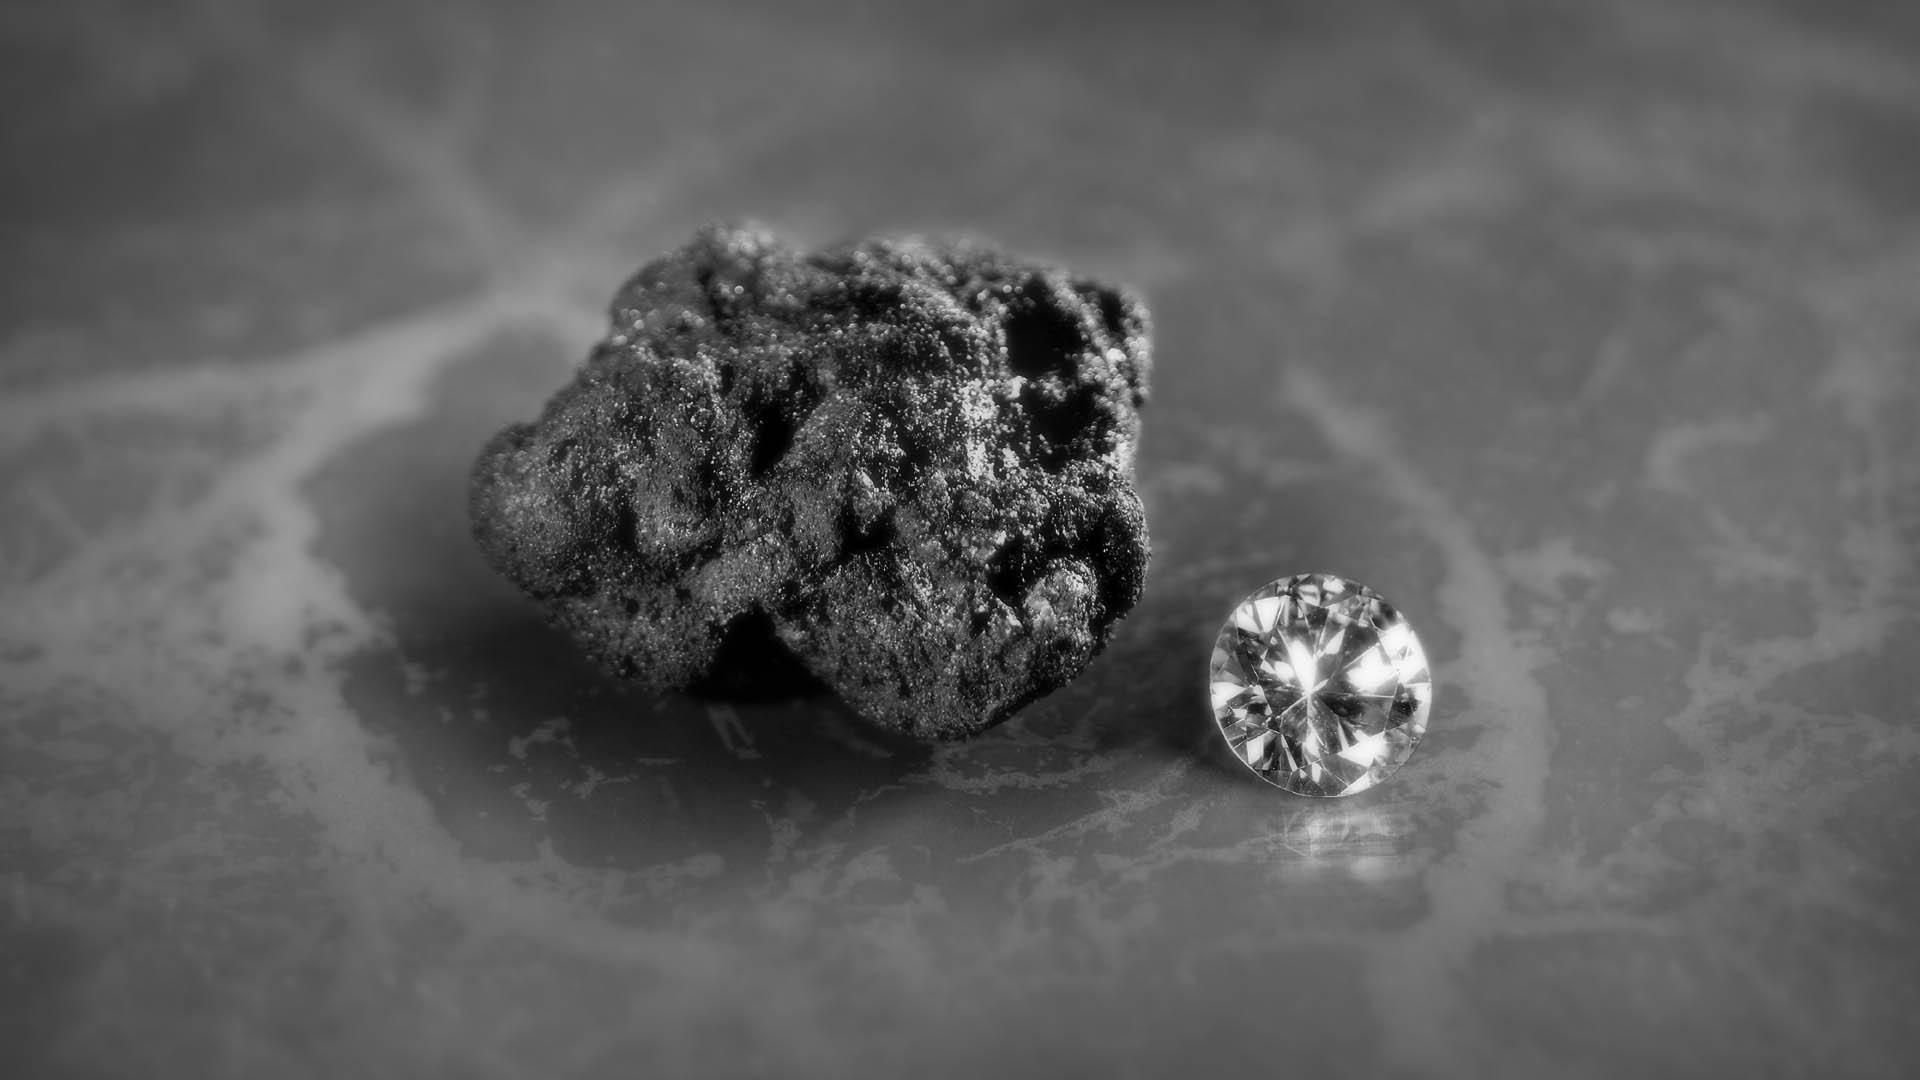 Venezuela participará en un proceso de certificación para comenzar a comercializar sus piedras preciosas en el mercado internacional